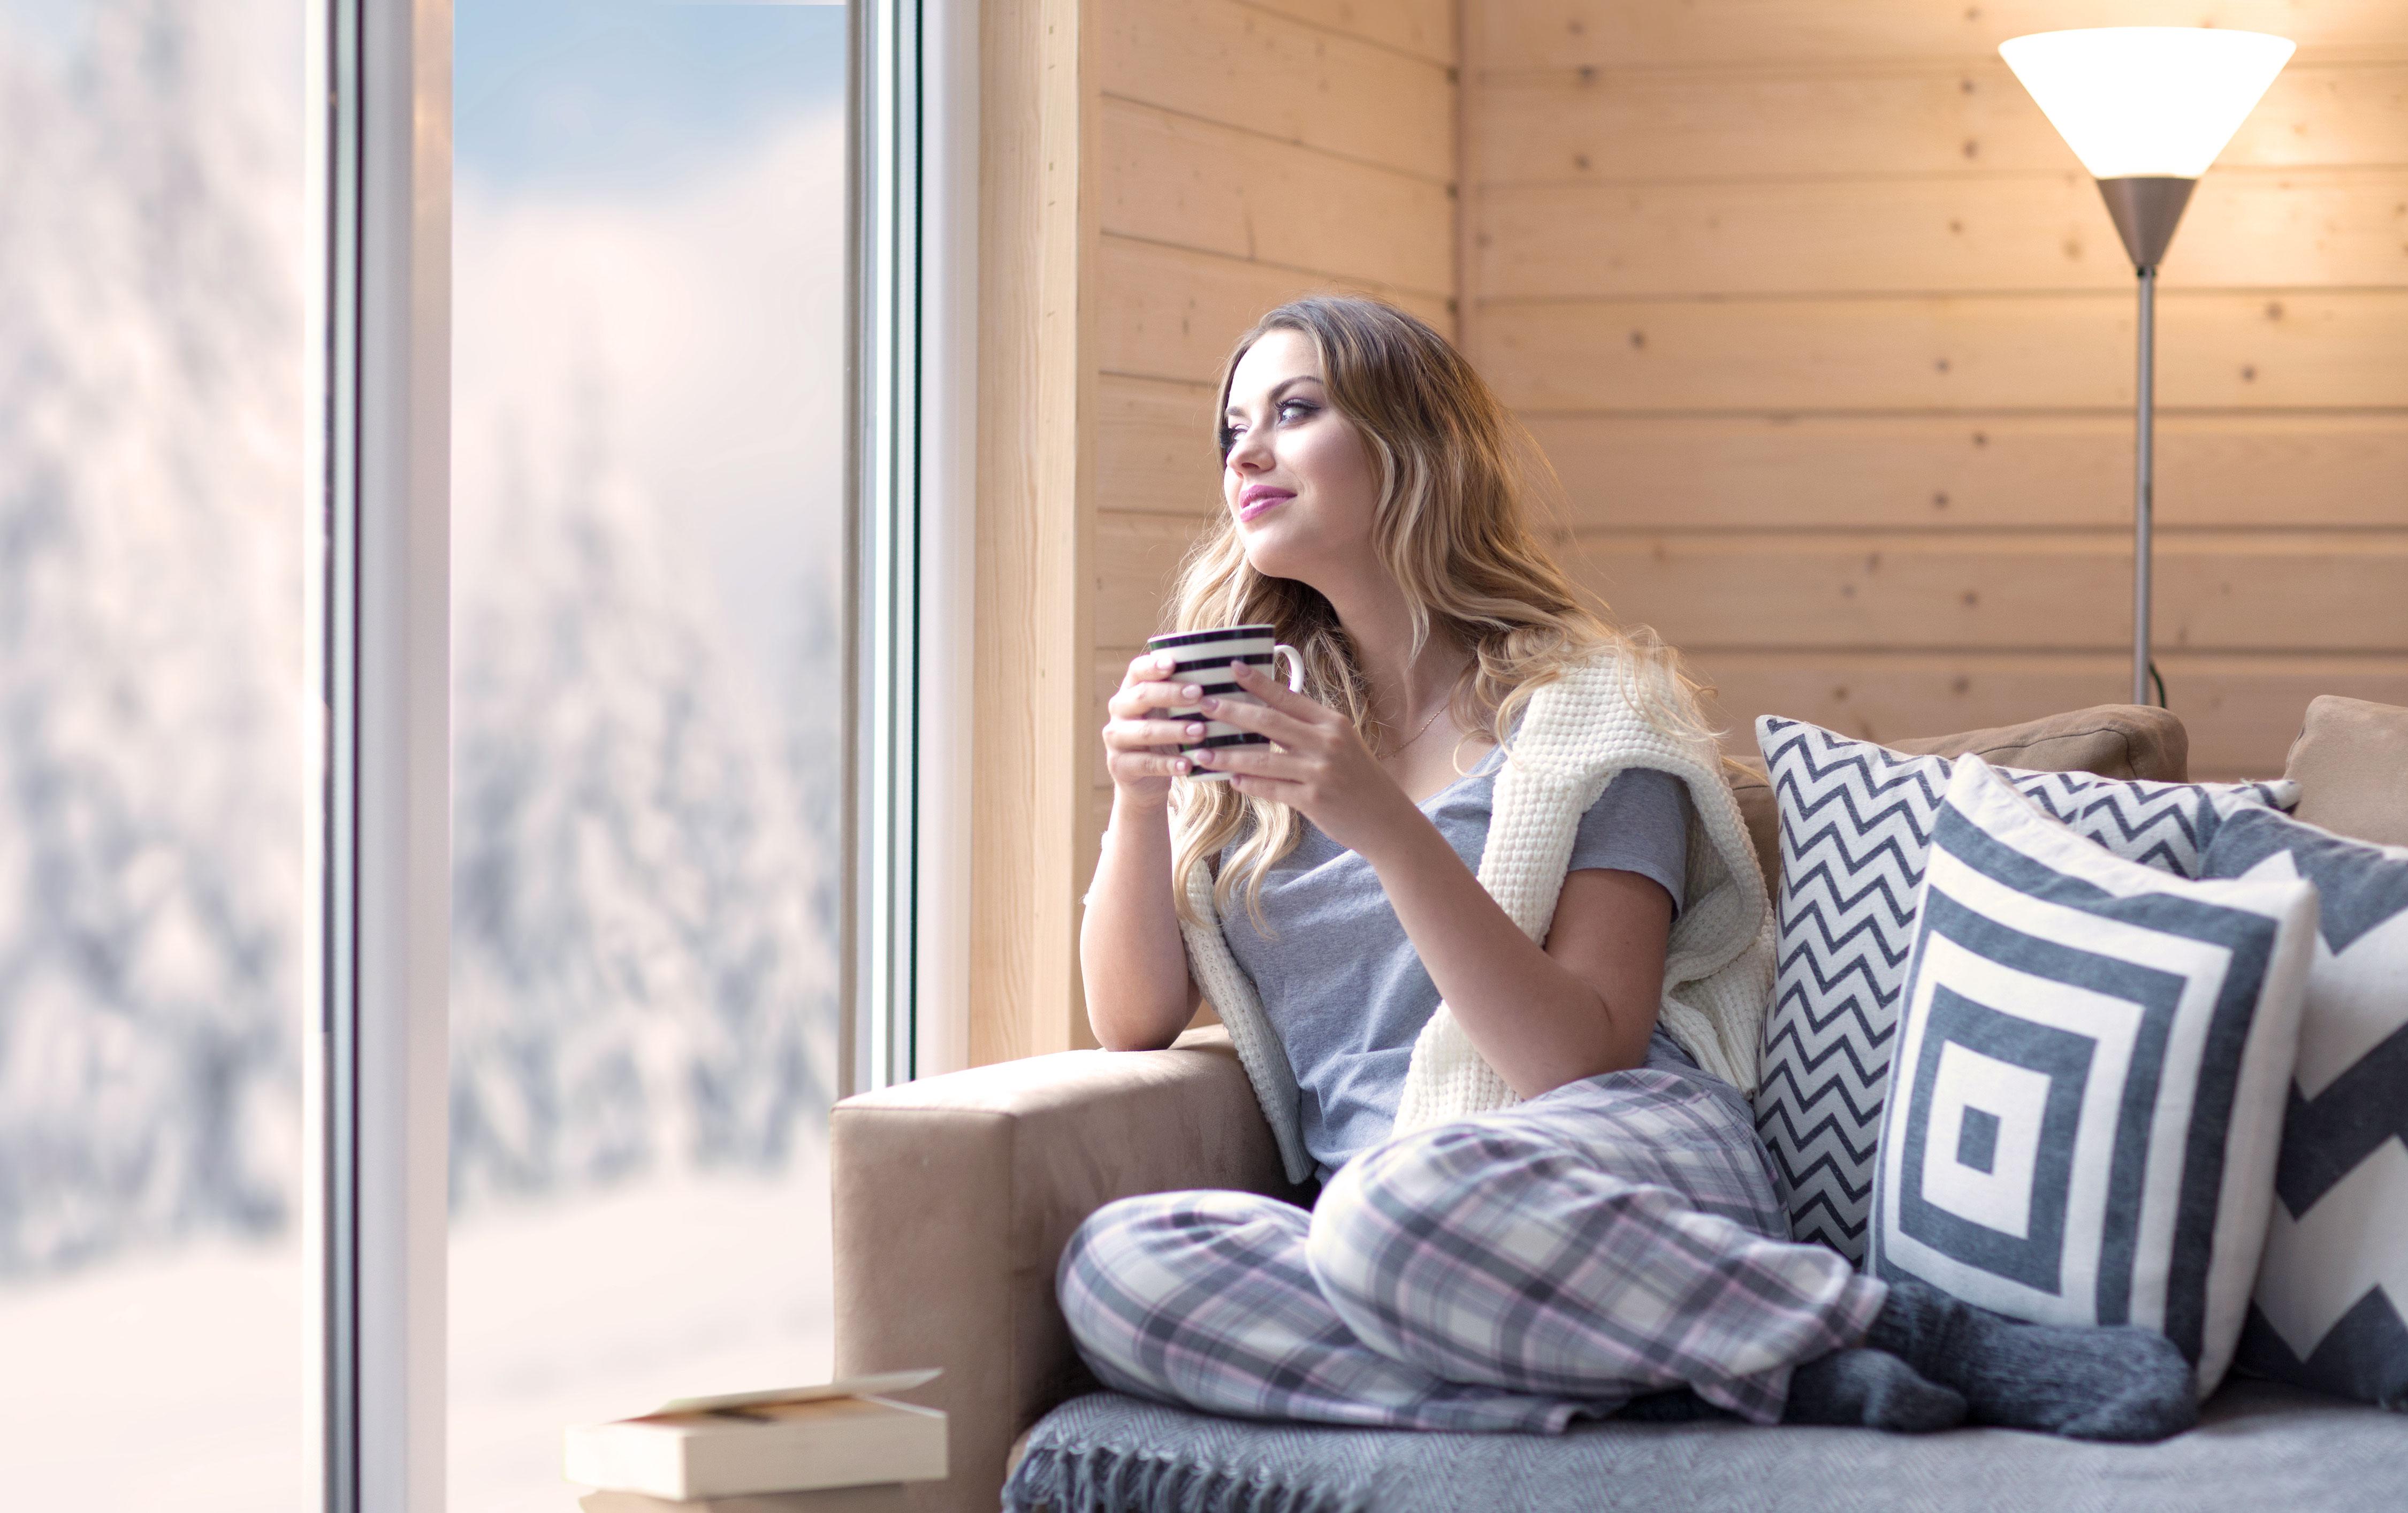 Junge blonde Frau sitzt mit Kaffeetasse auf dem Sofa und schaut aus dem Fenster in die Schneelandschaft